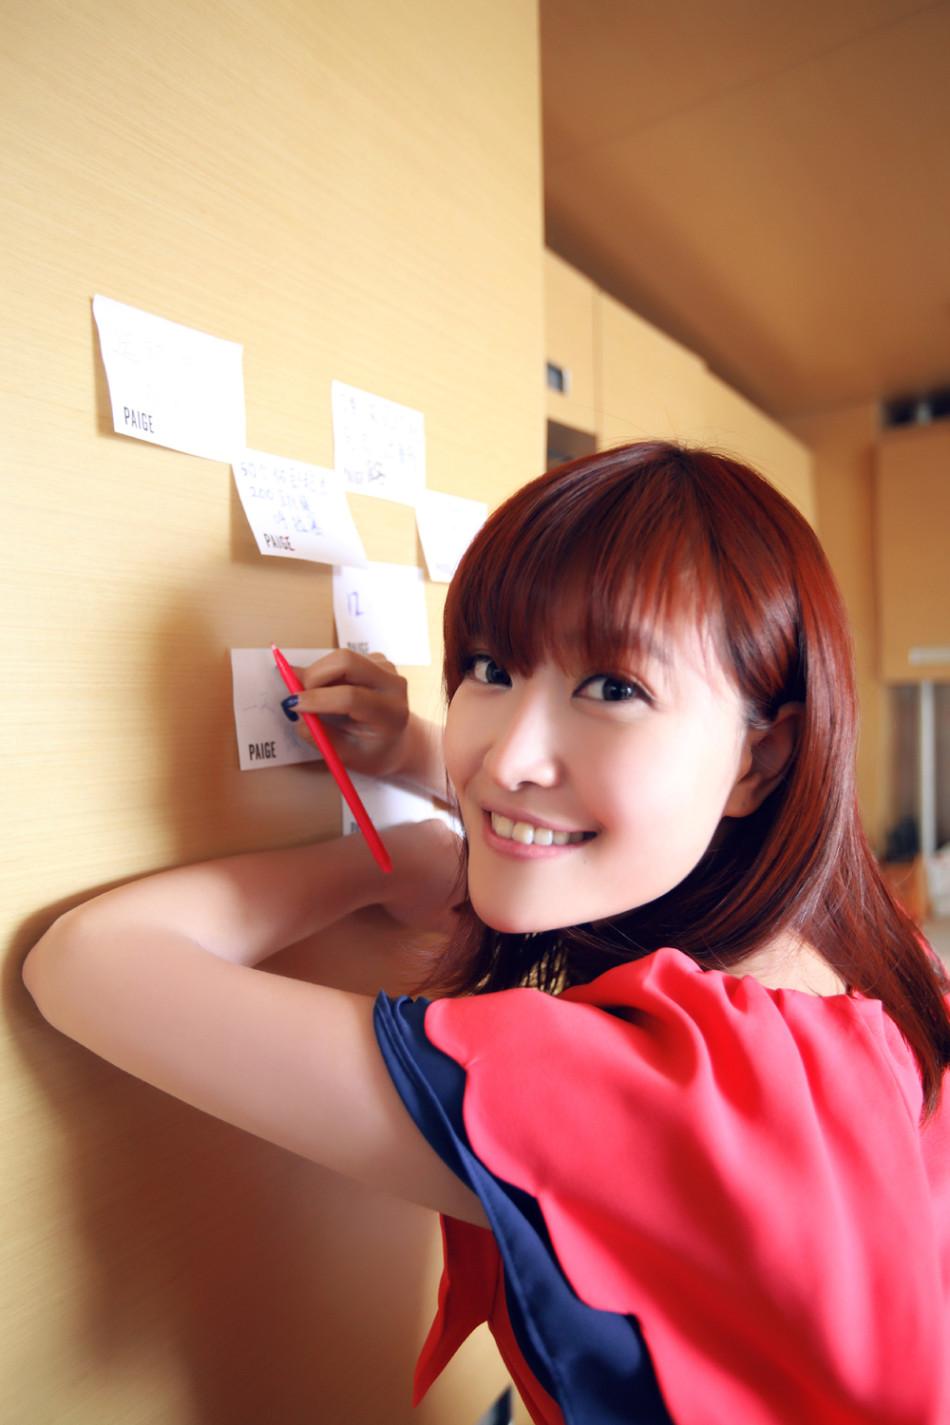 http://www.sinaimg.cn/dy/slidenews/4_img/2013_13/704_923064_493970.jpg